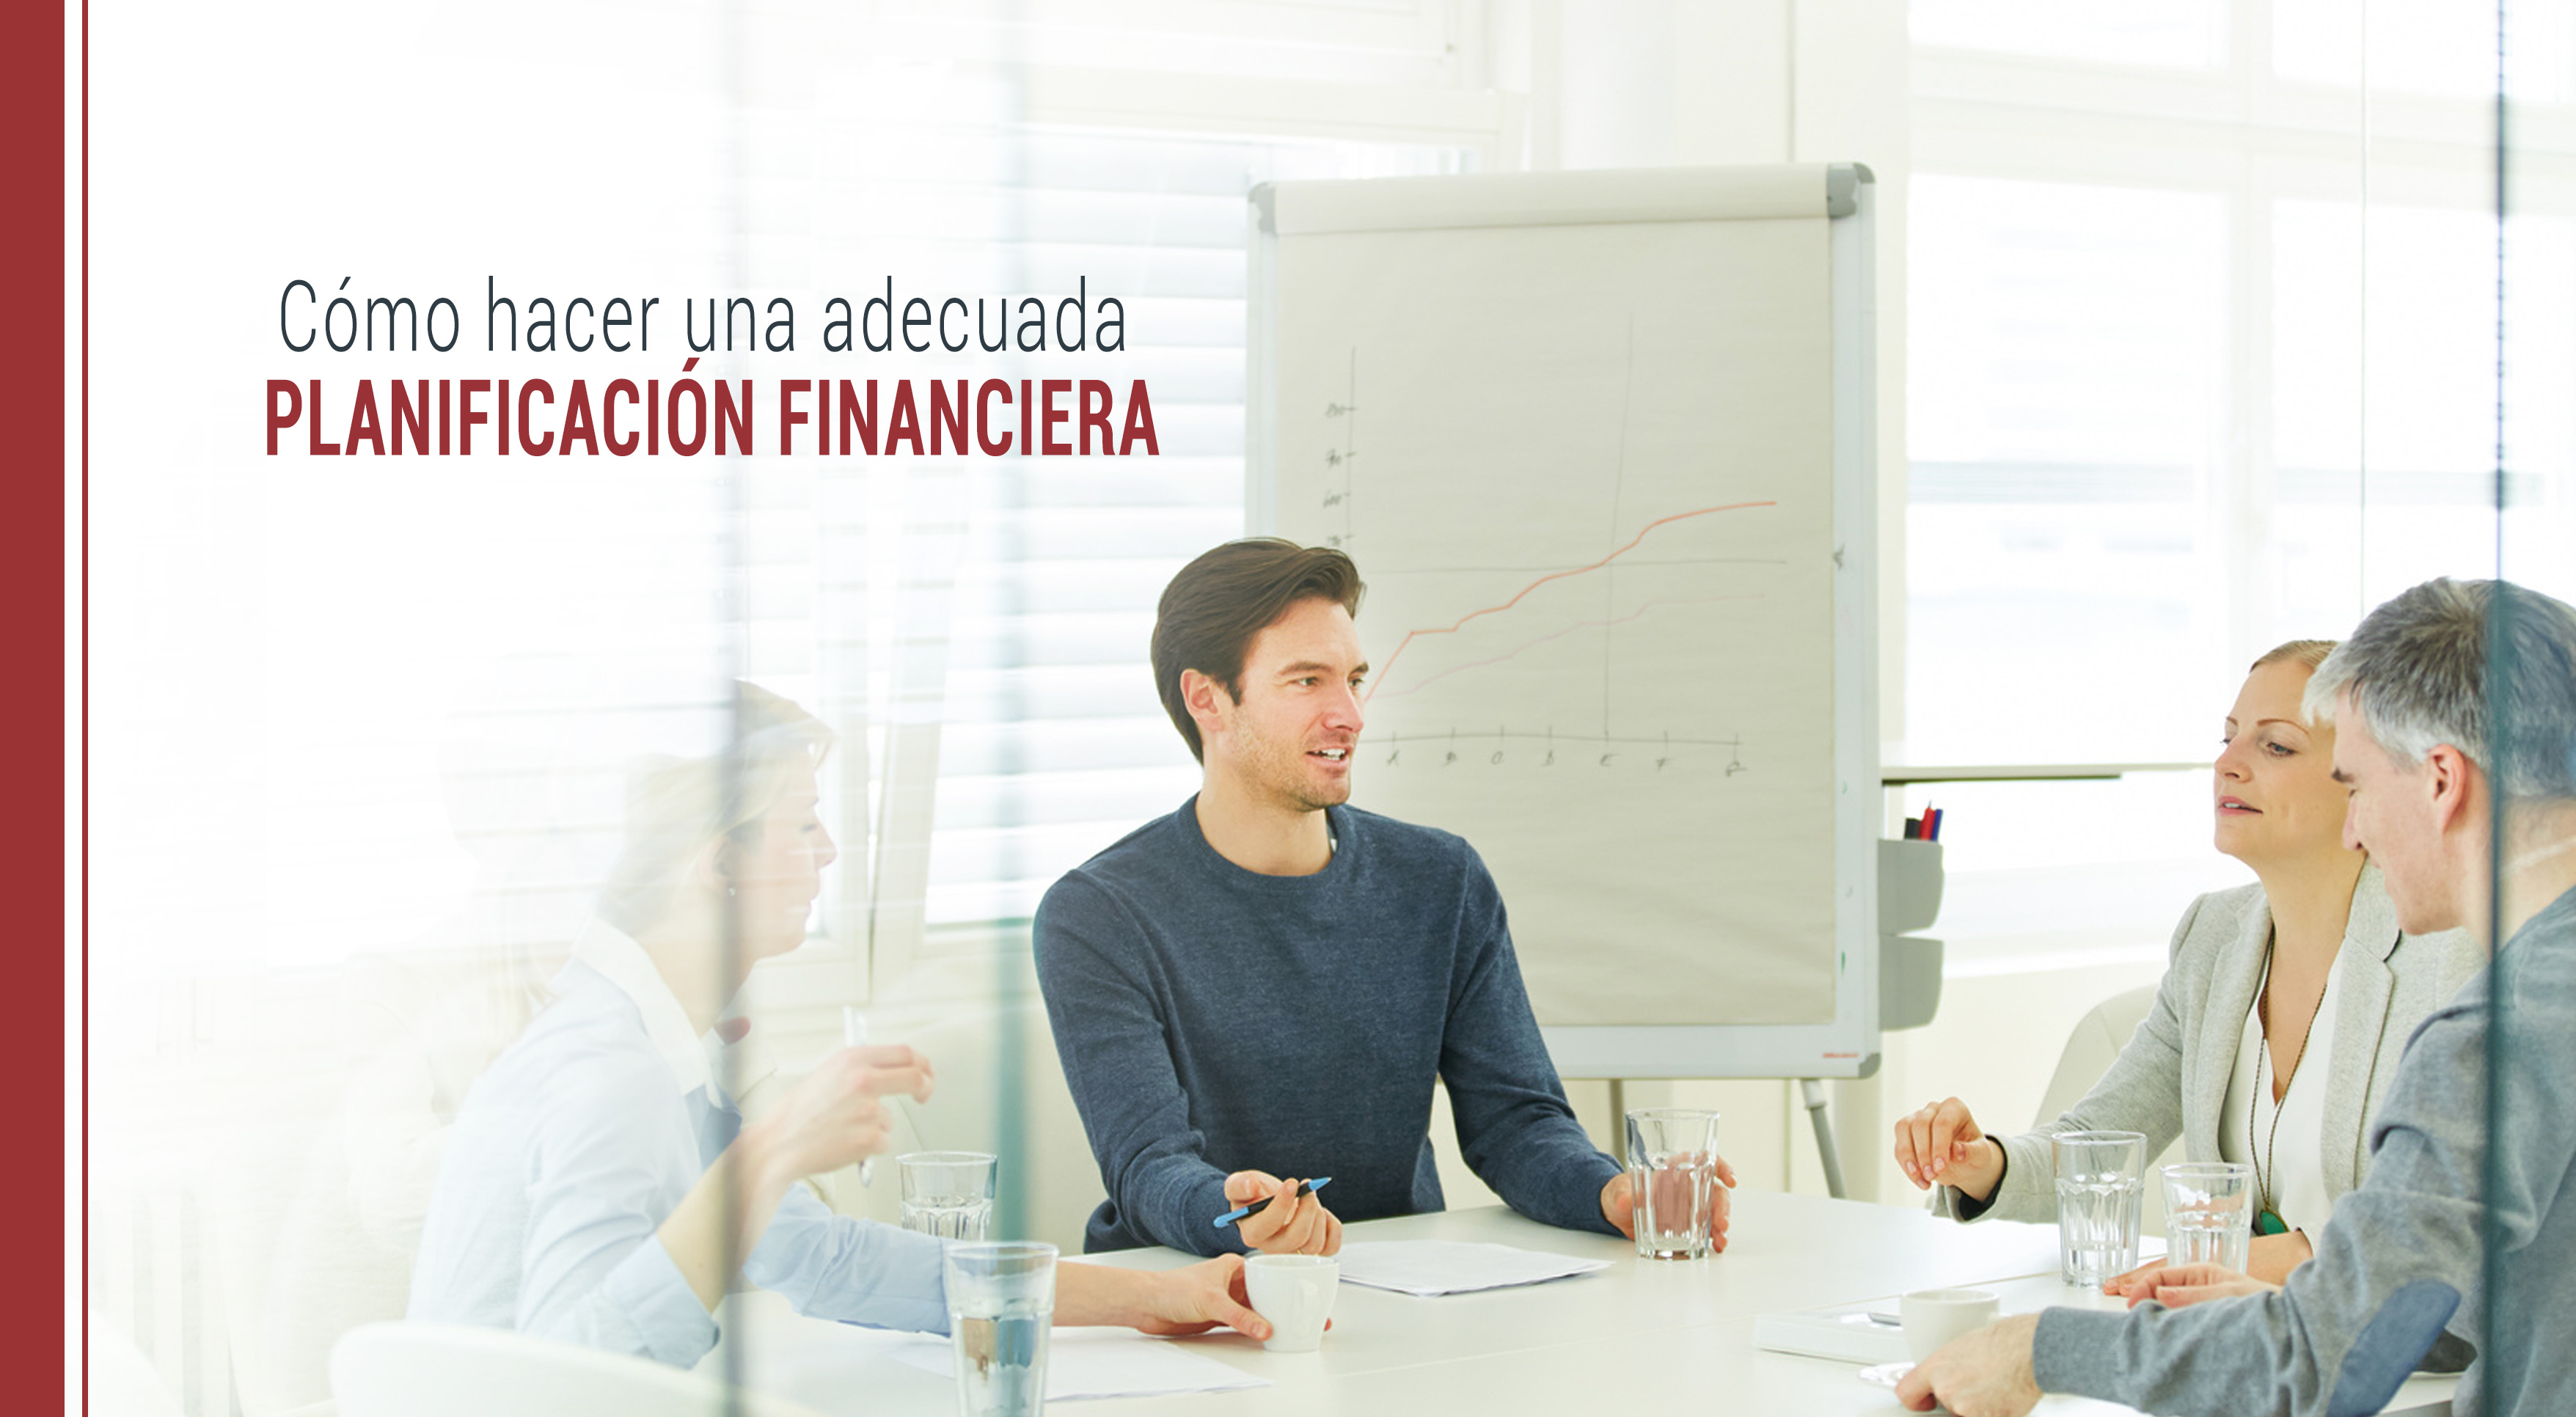 como-hacer-adecuada-planificacion-financiera ¿Cómo hacer una adecuada planificación financiera en la empresa?